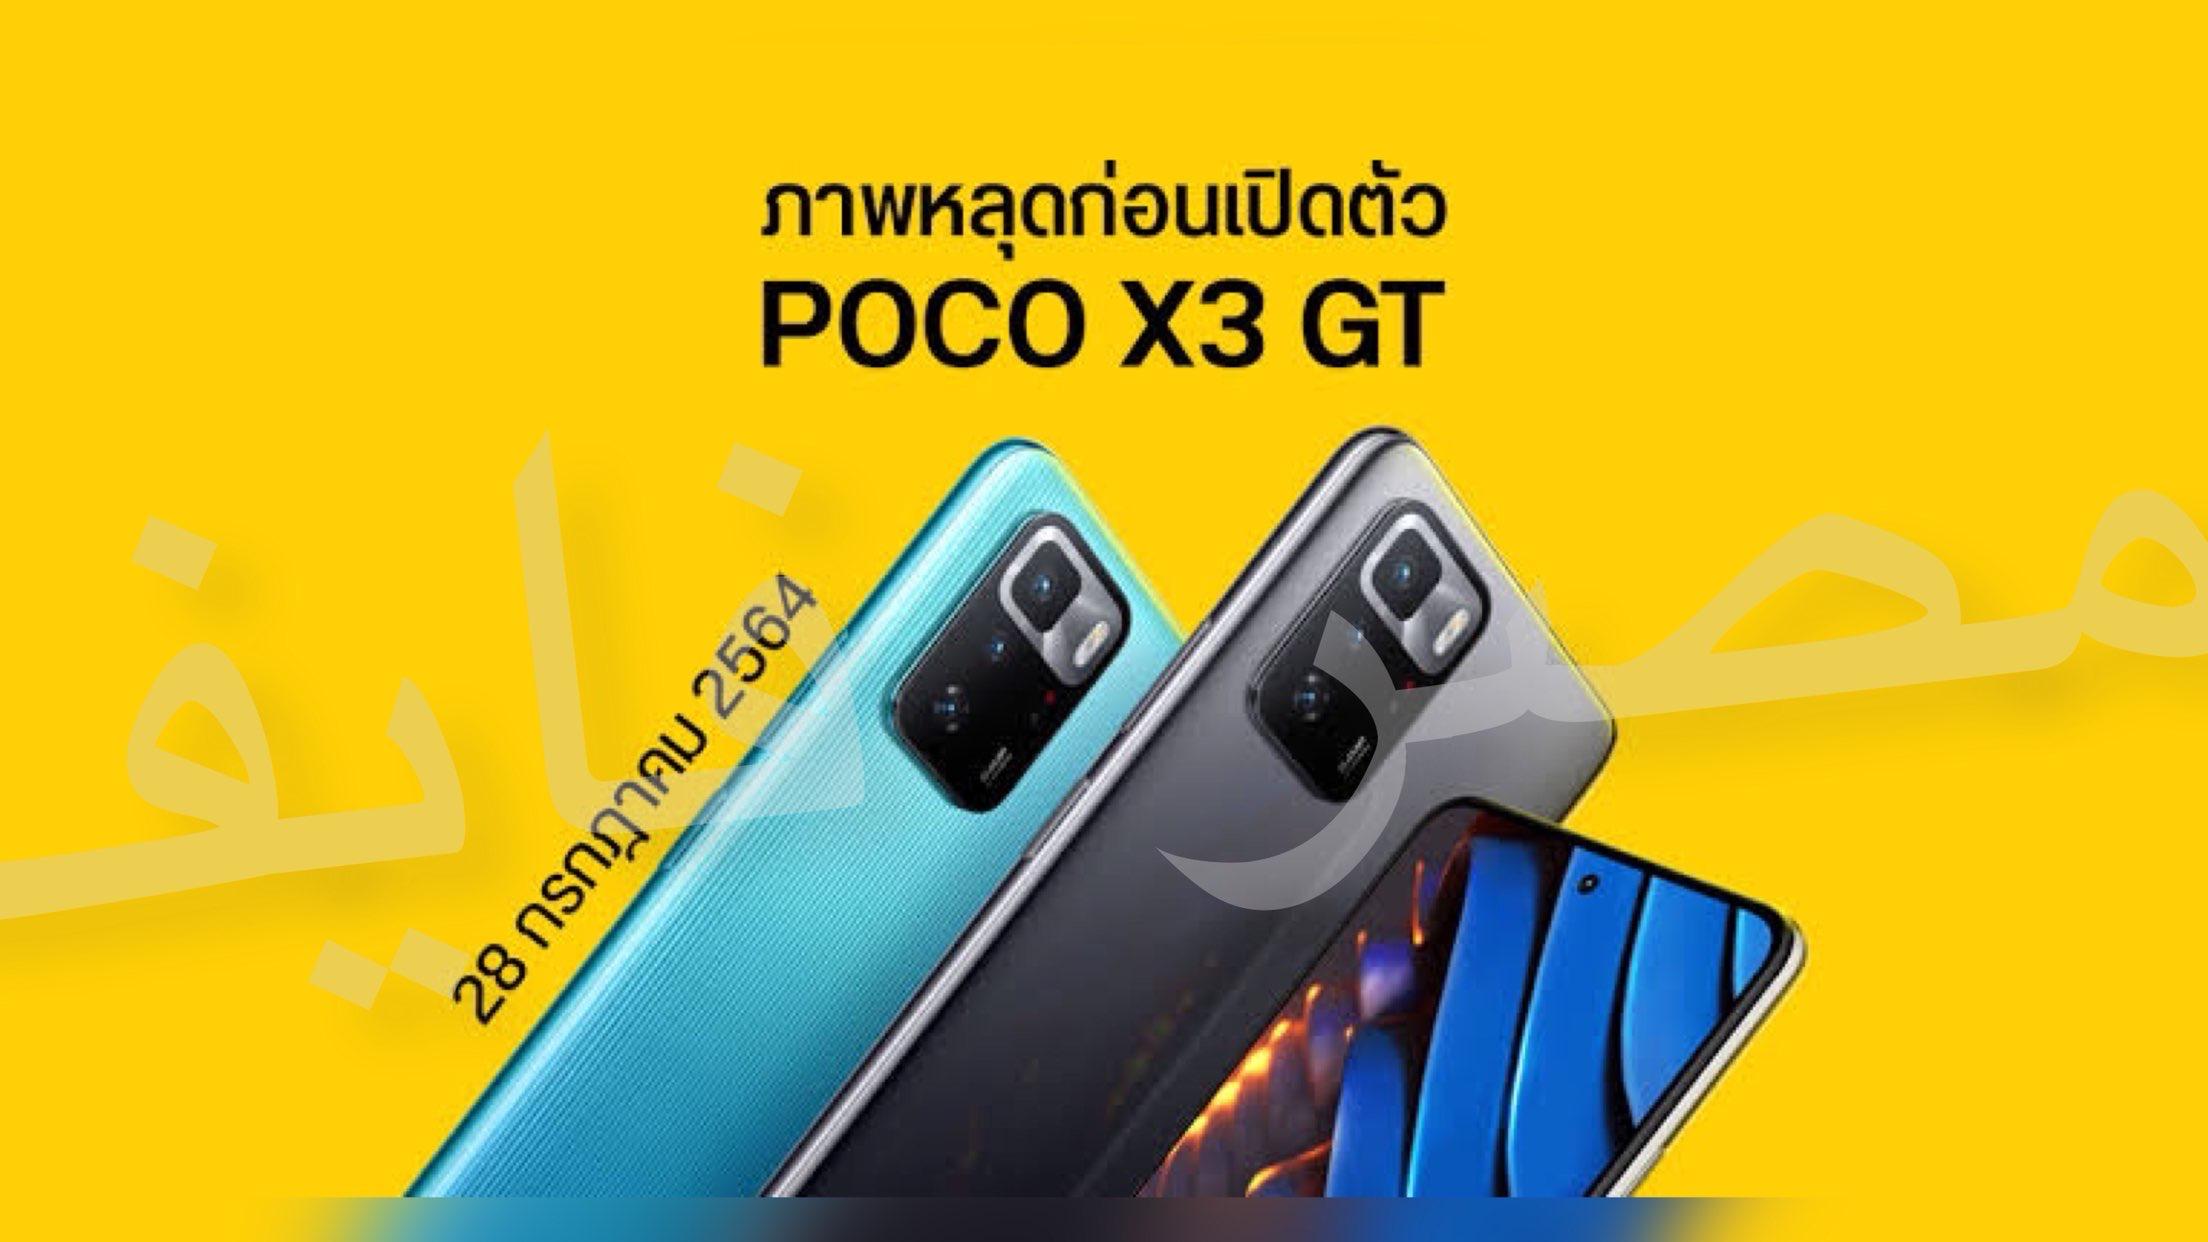 أسعار ومواصفات Poco X3 gt الهاتف الجديد الذي ابهر العالم